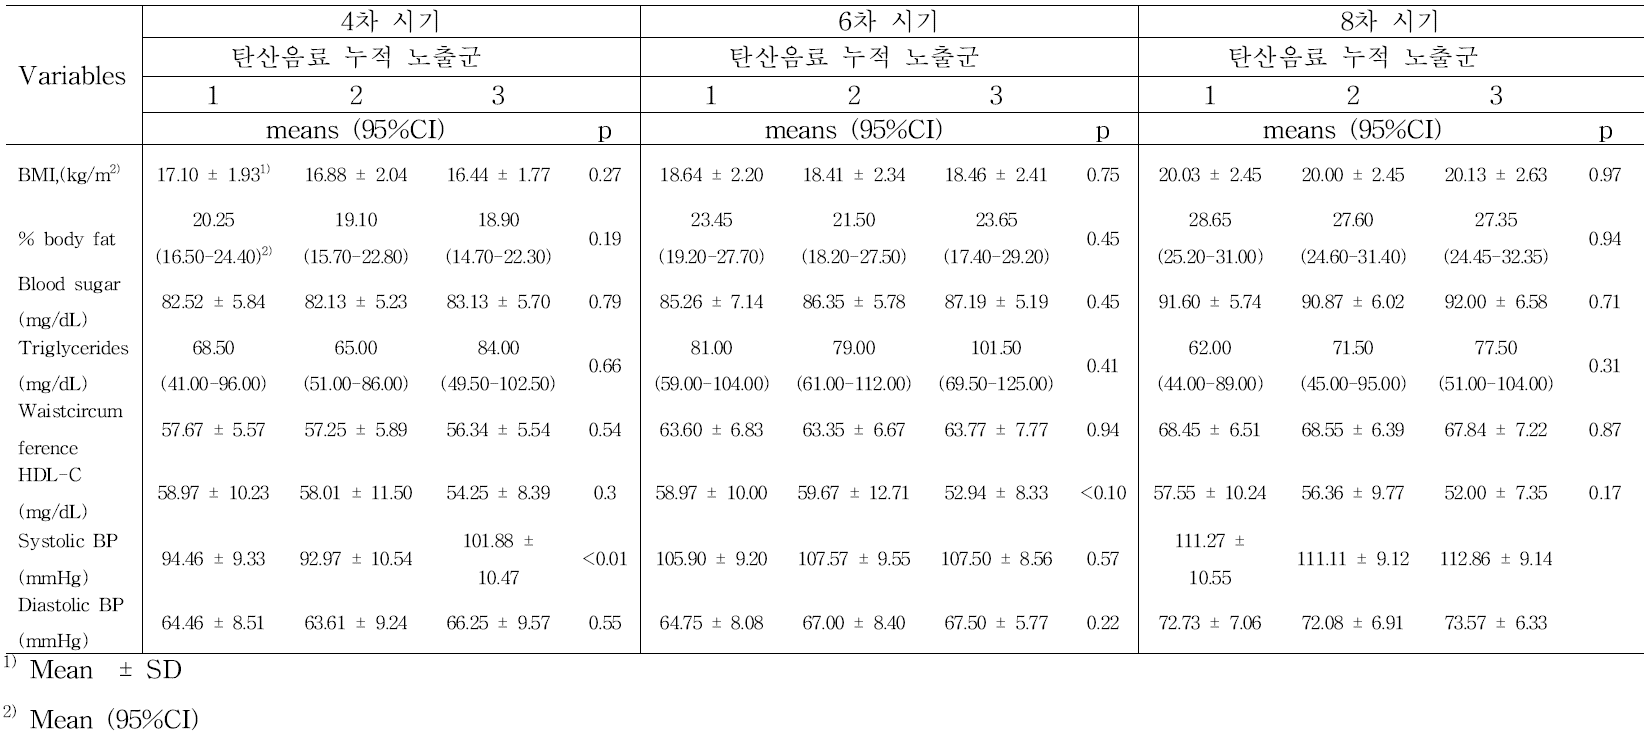 탄산음료 누적 노출 수준에 따른 각 시기별 비만 및 대사 지표 (ANOVA) : 여아